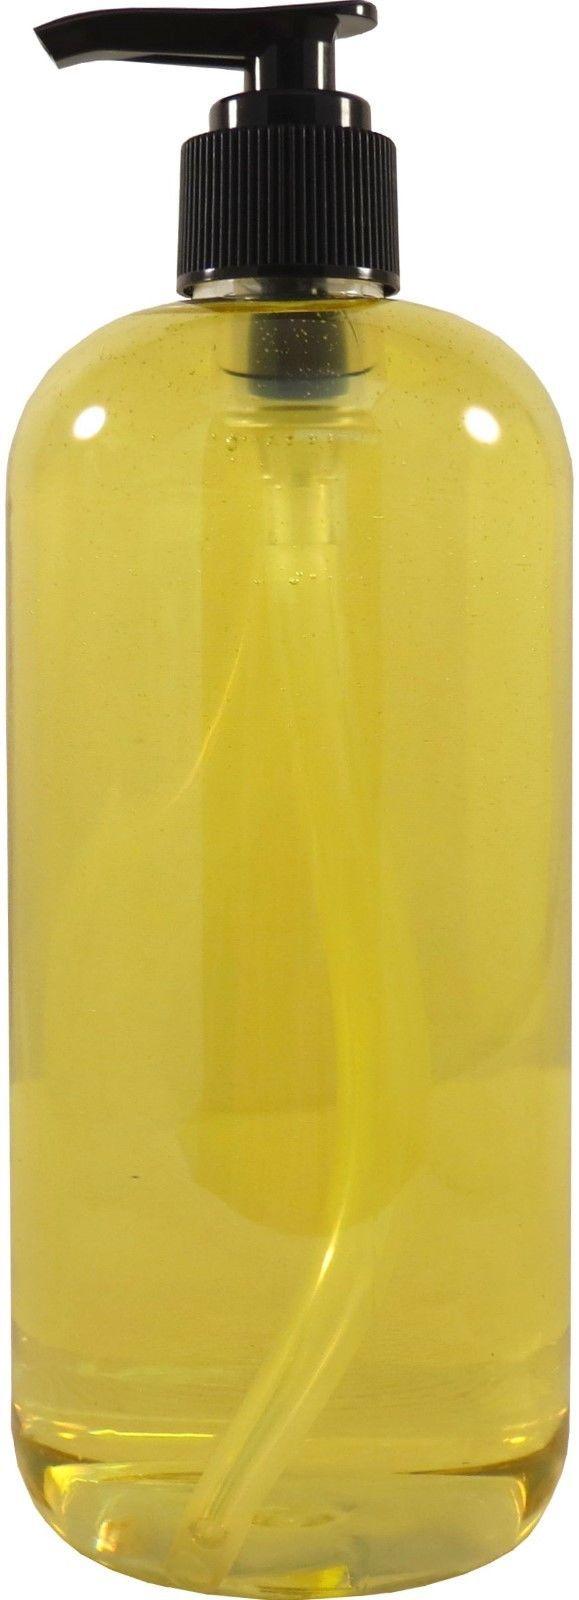 Ylang Ylang All Natural Bath Oil